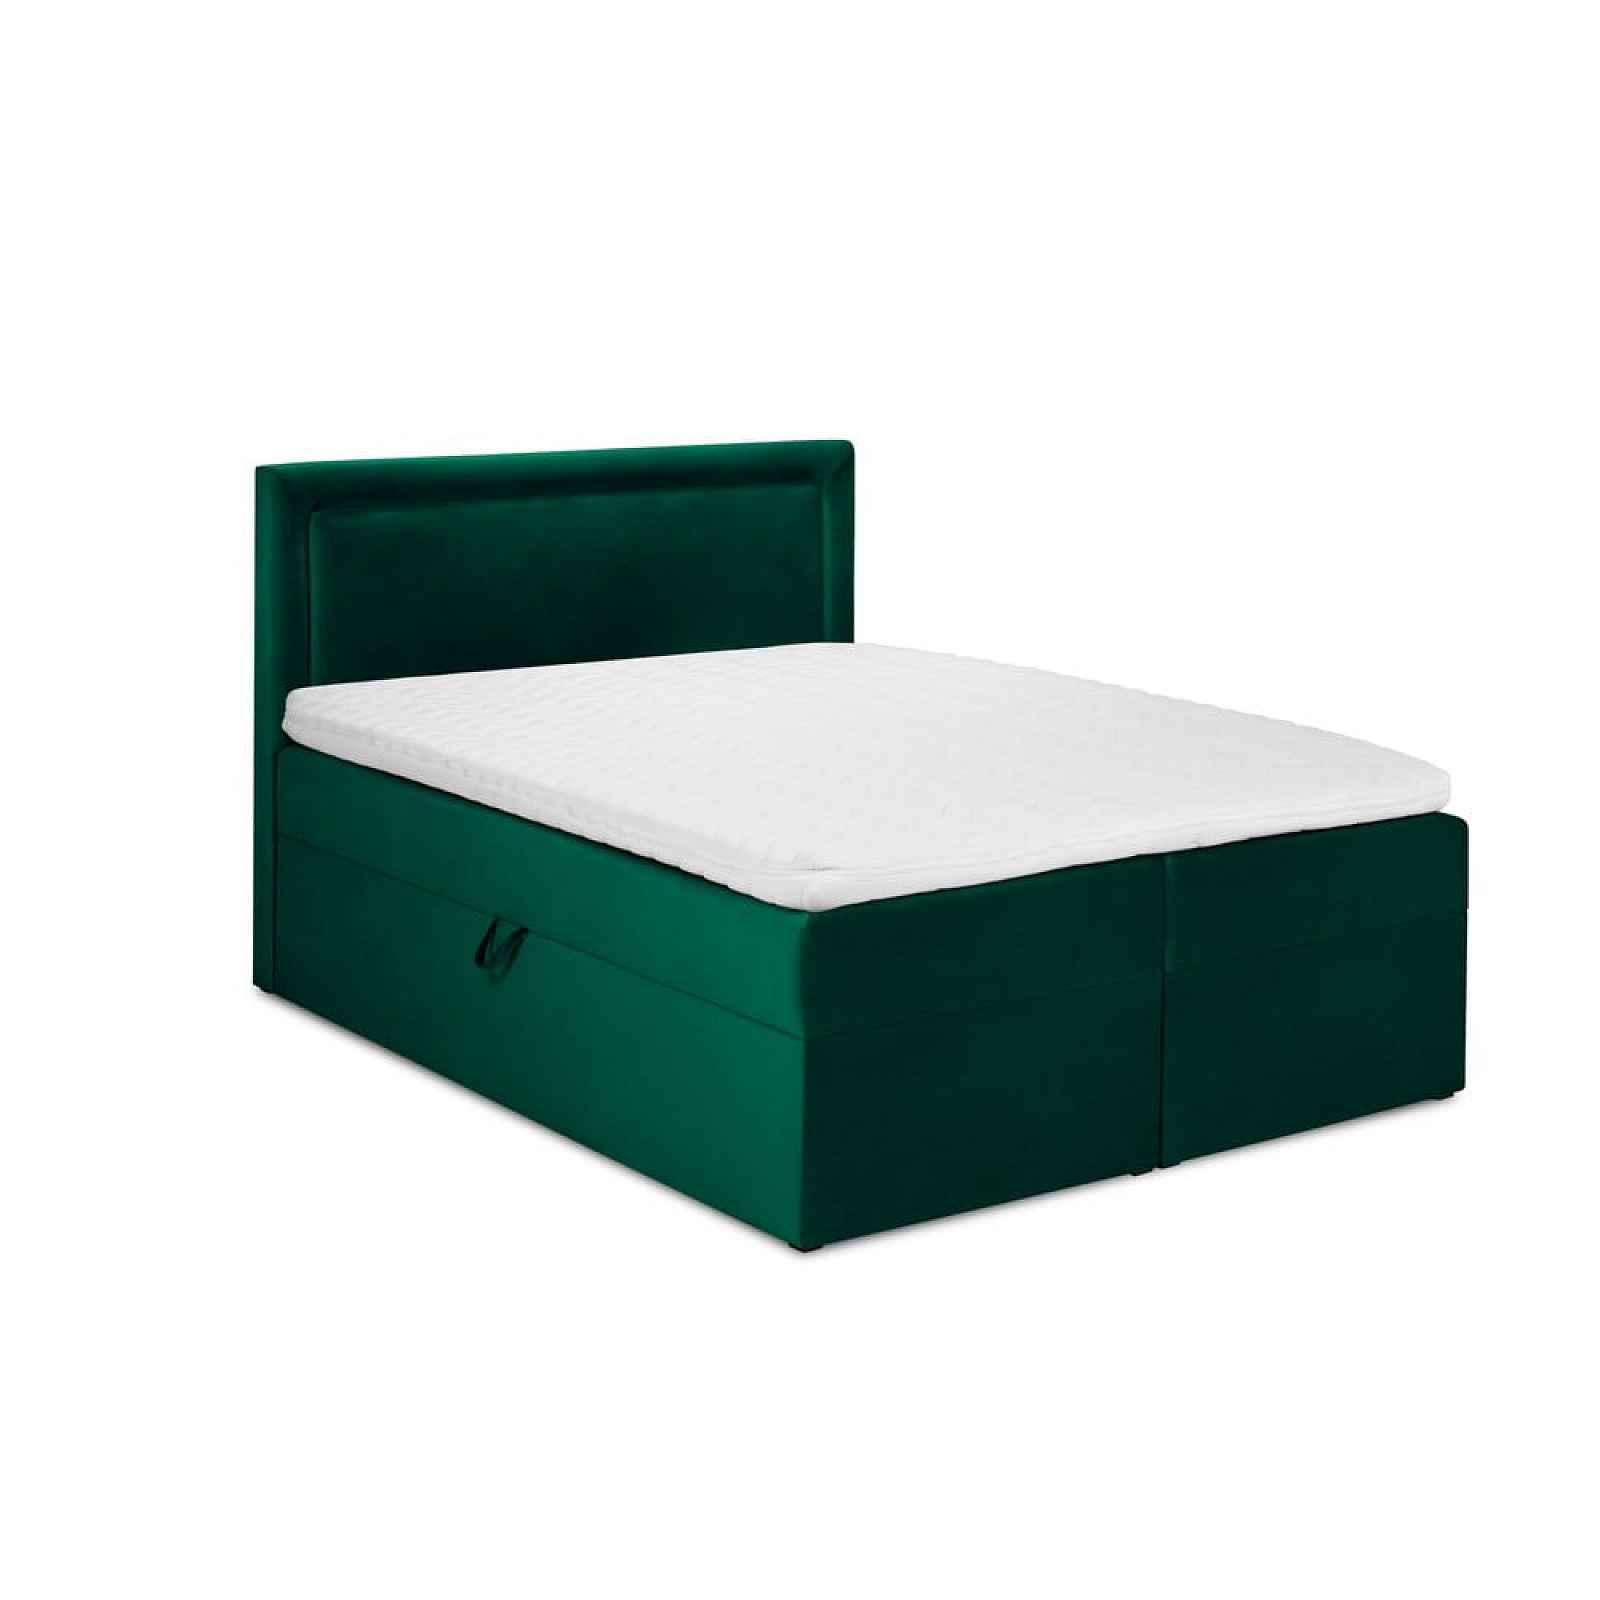 Zelená sametová dvoulůžková postel Mazzini Beds Yucca,160x200cm